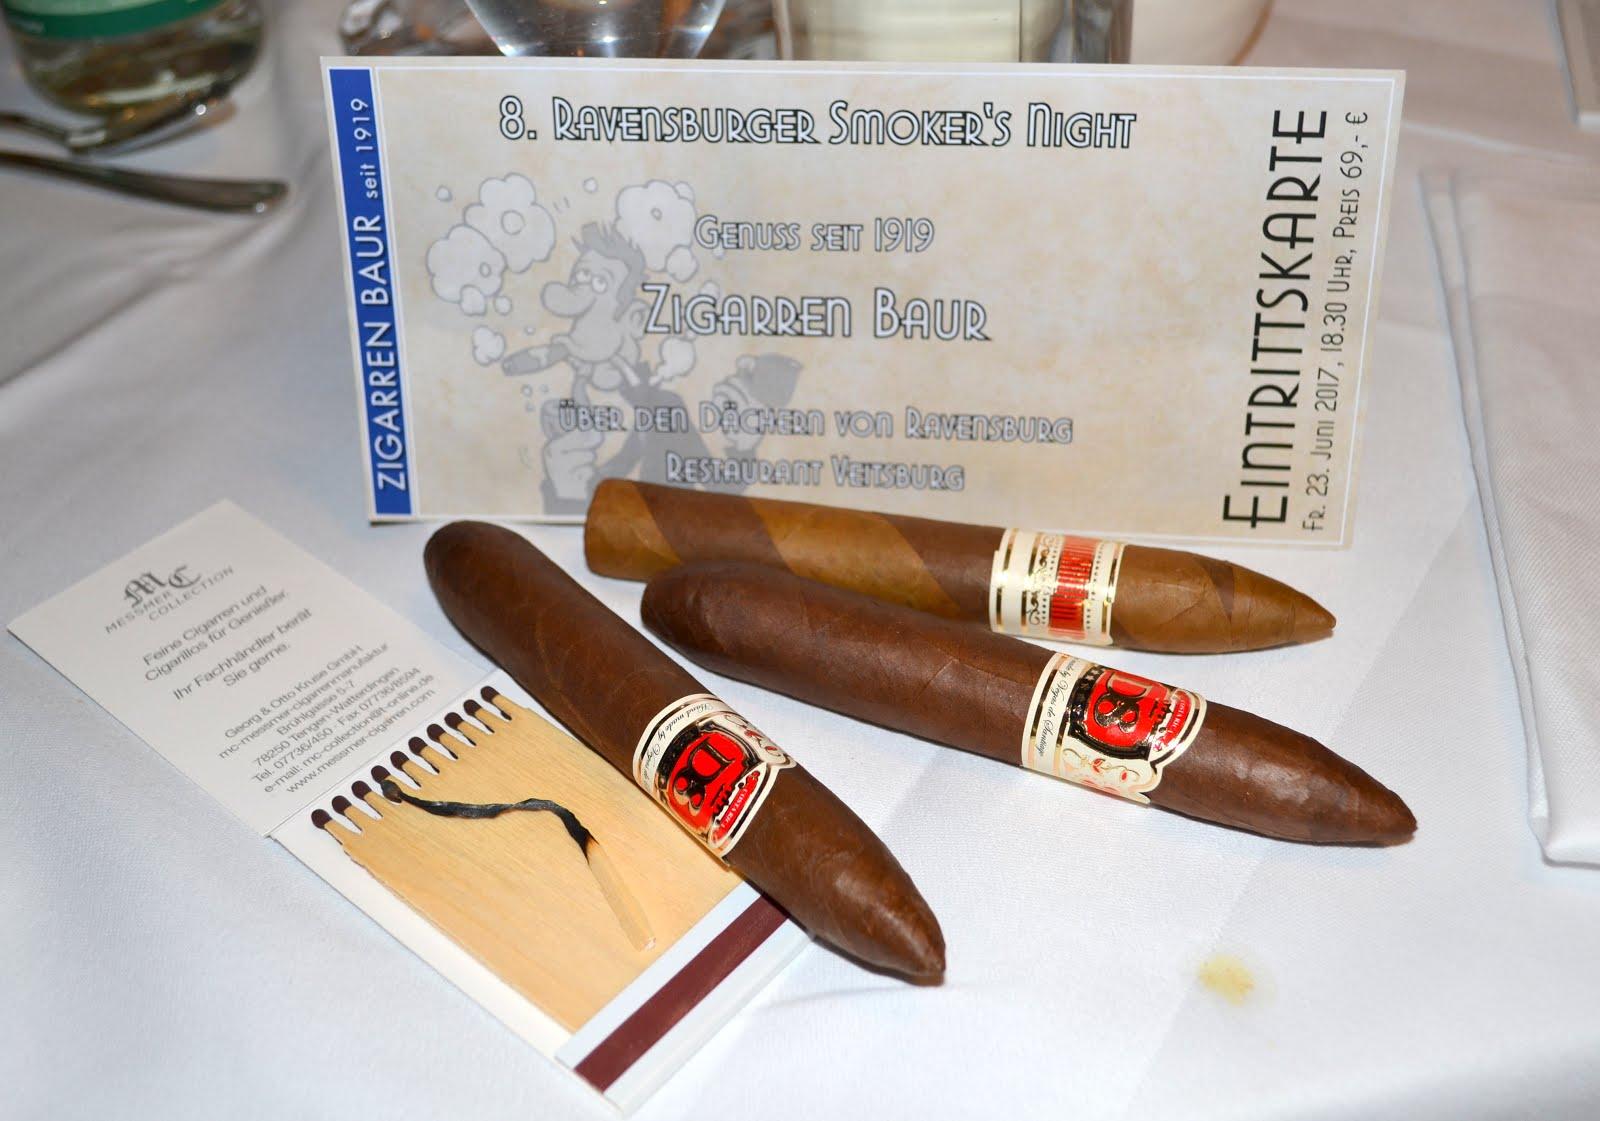 8. Zigarren Baurs Smoker's Night